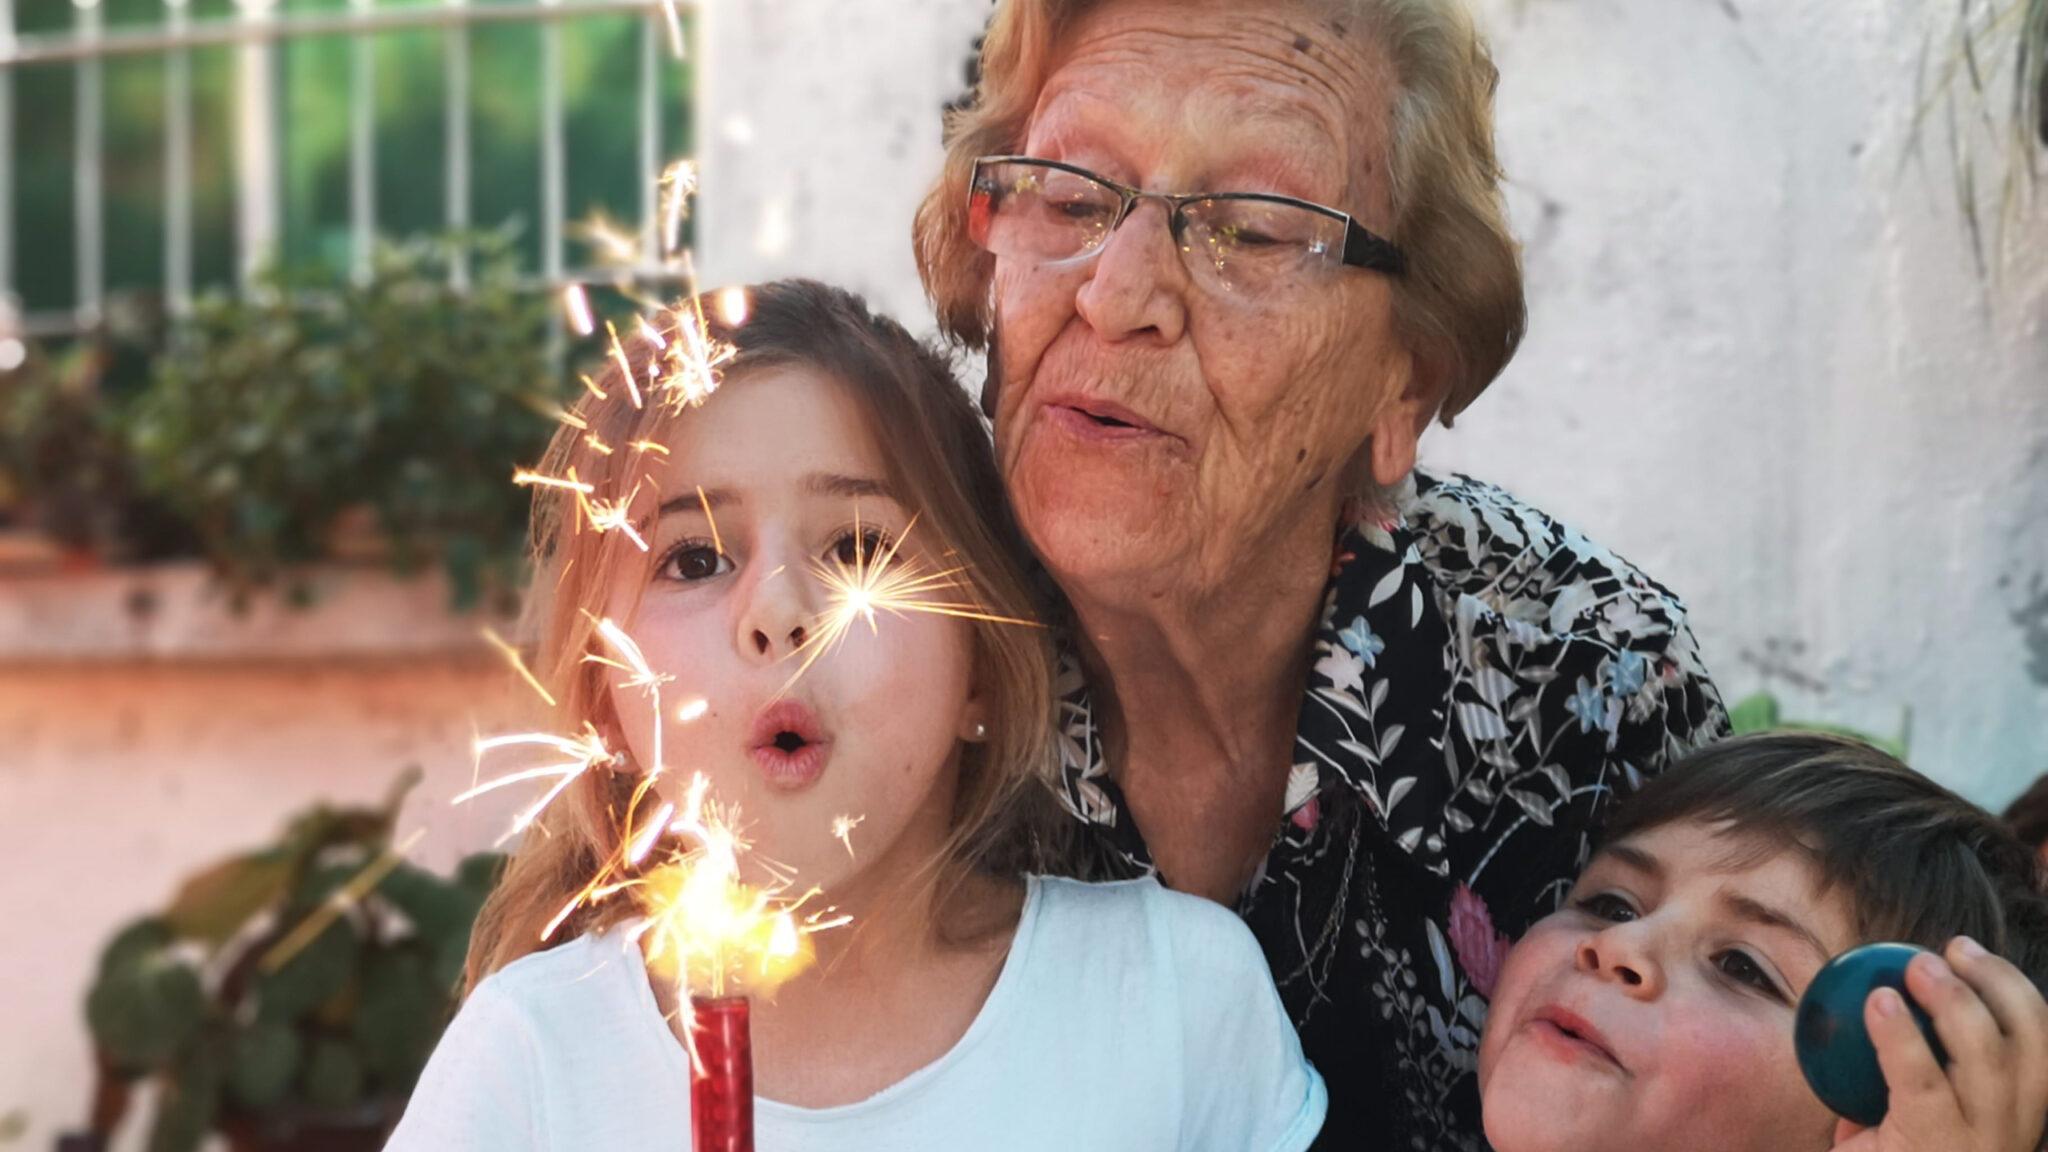 Kindergeburtstag mit brennender Kerze, Kindern und einer Grossi